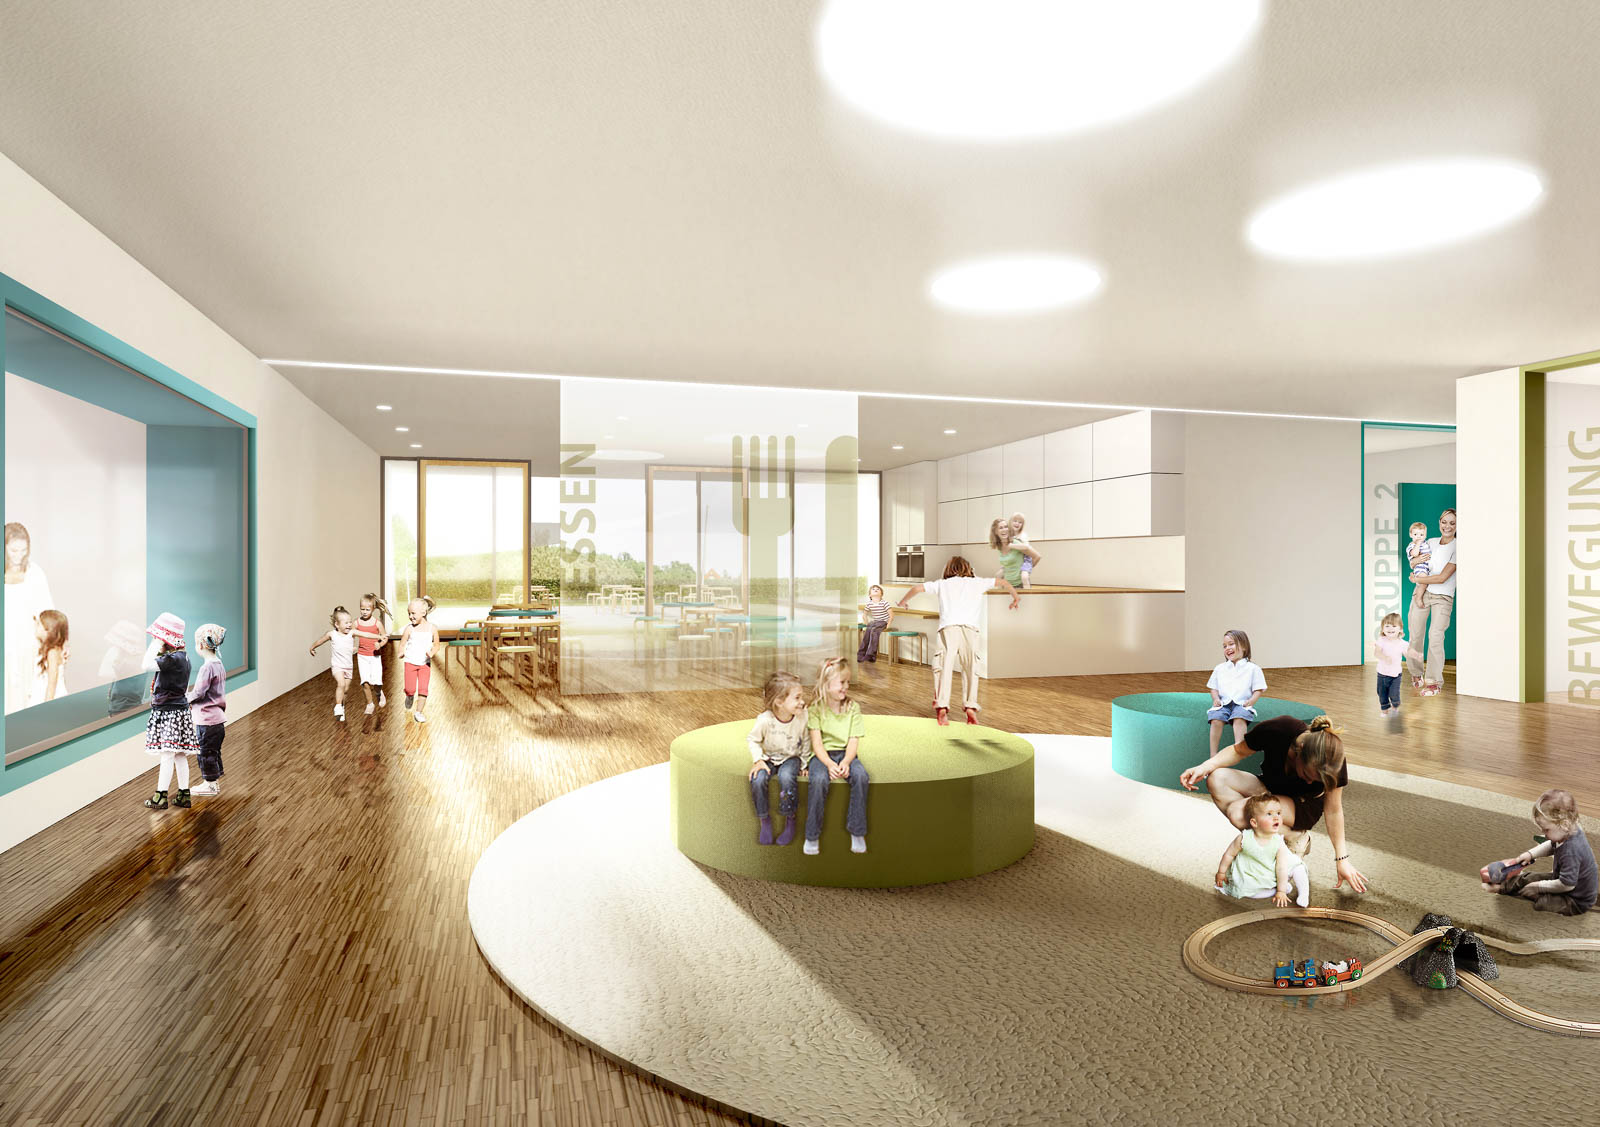 Nickel und Wachter Architekten - Kindergarten Altenpflegezentrum Diakonie Ebern